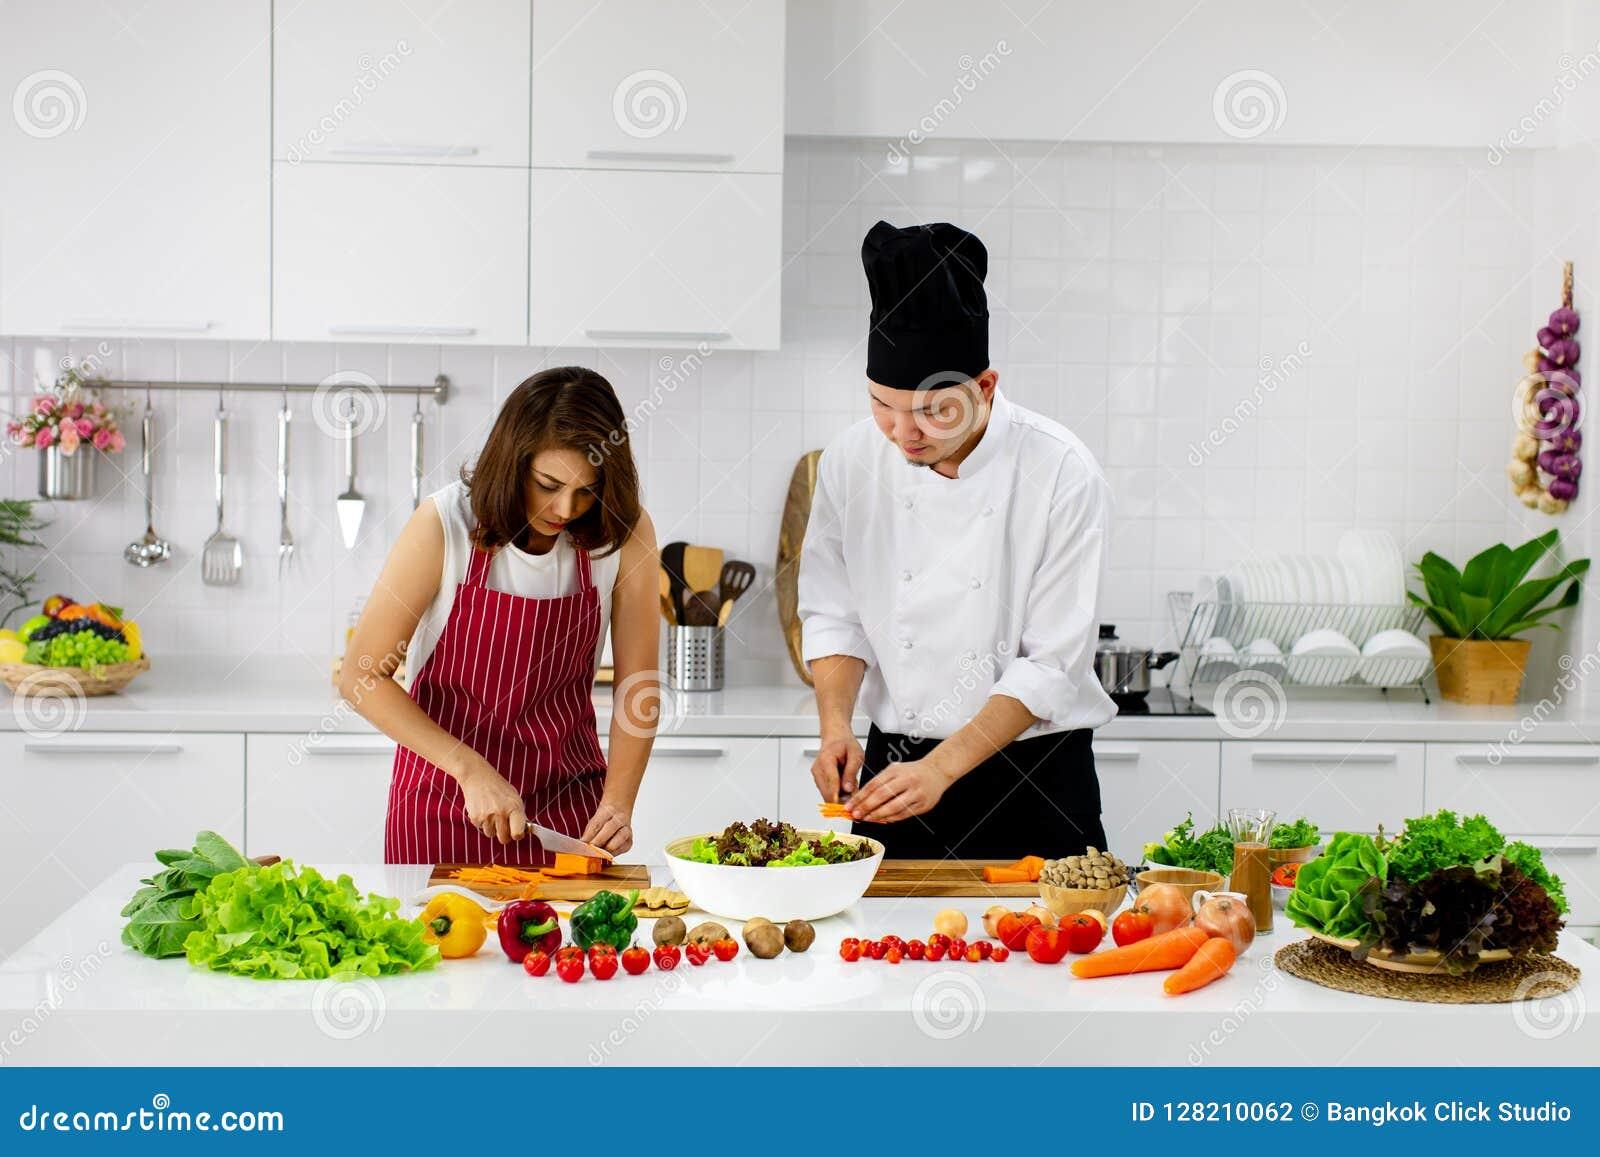 Bella donna asiatica in grembiule rosso che impara come cucinare e mescolarsi